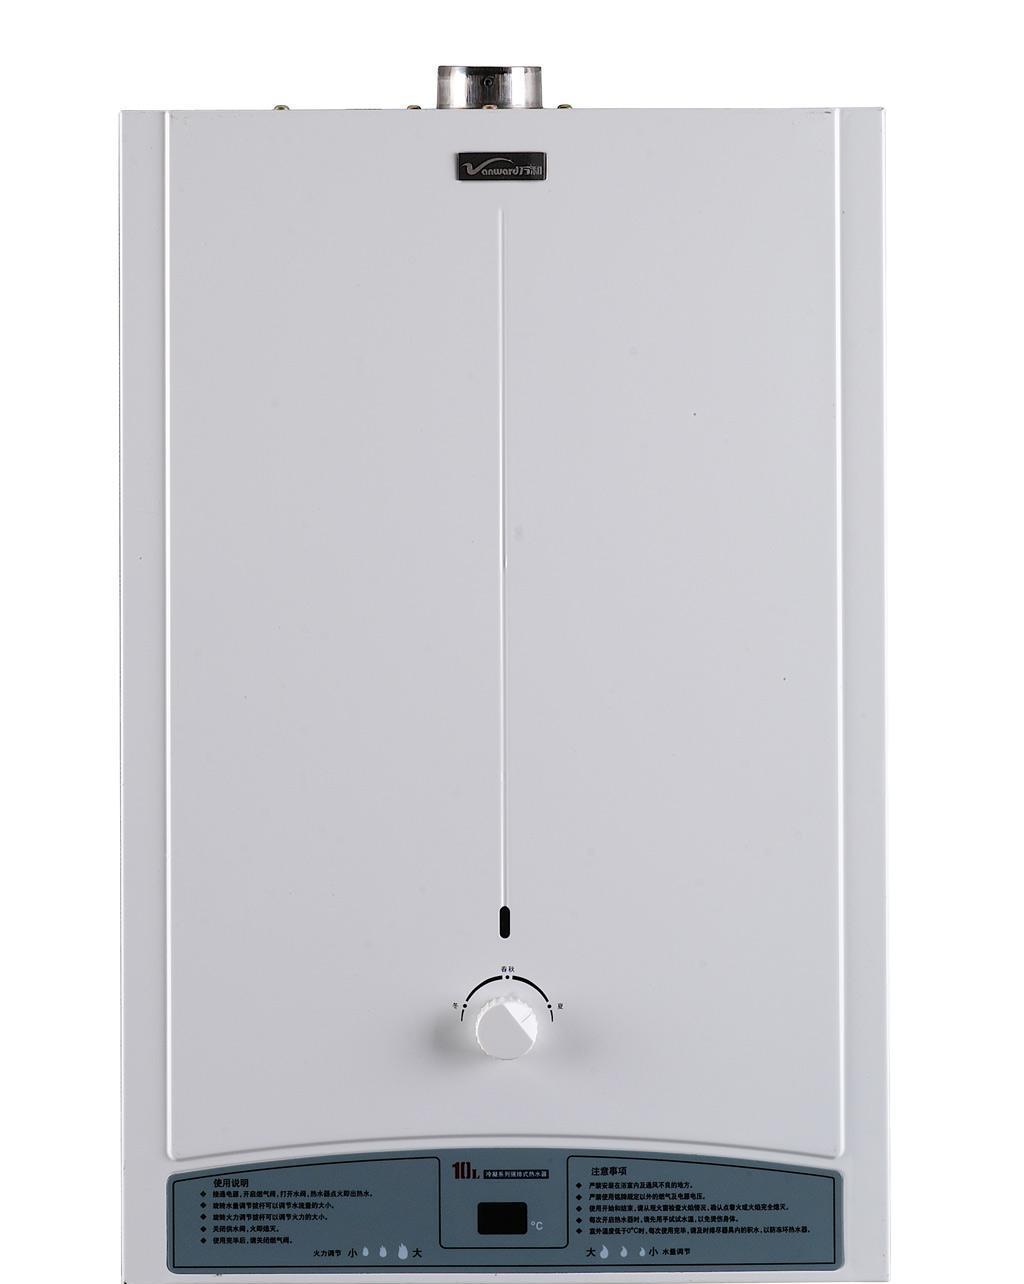 热水器 1024_1284 竖版 竖屏图片